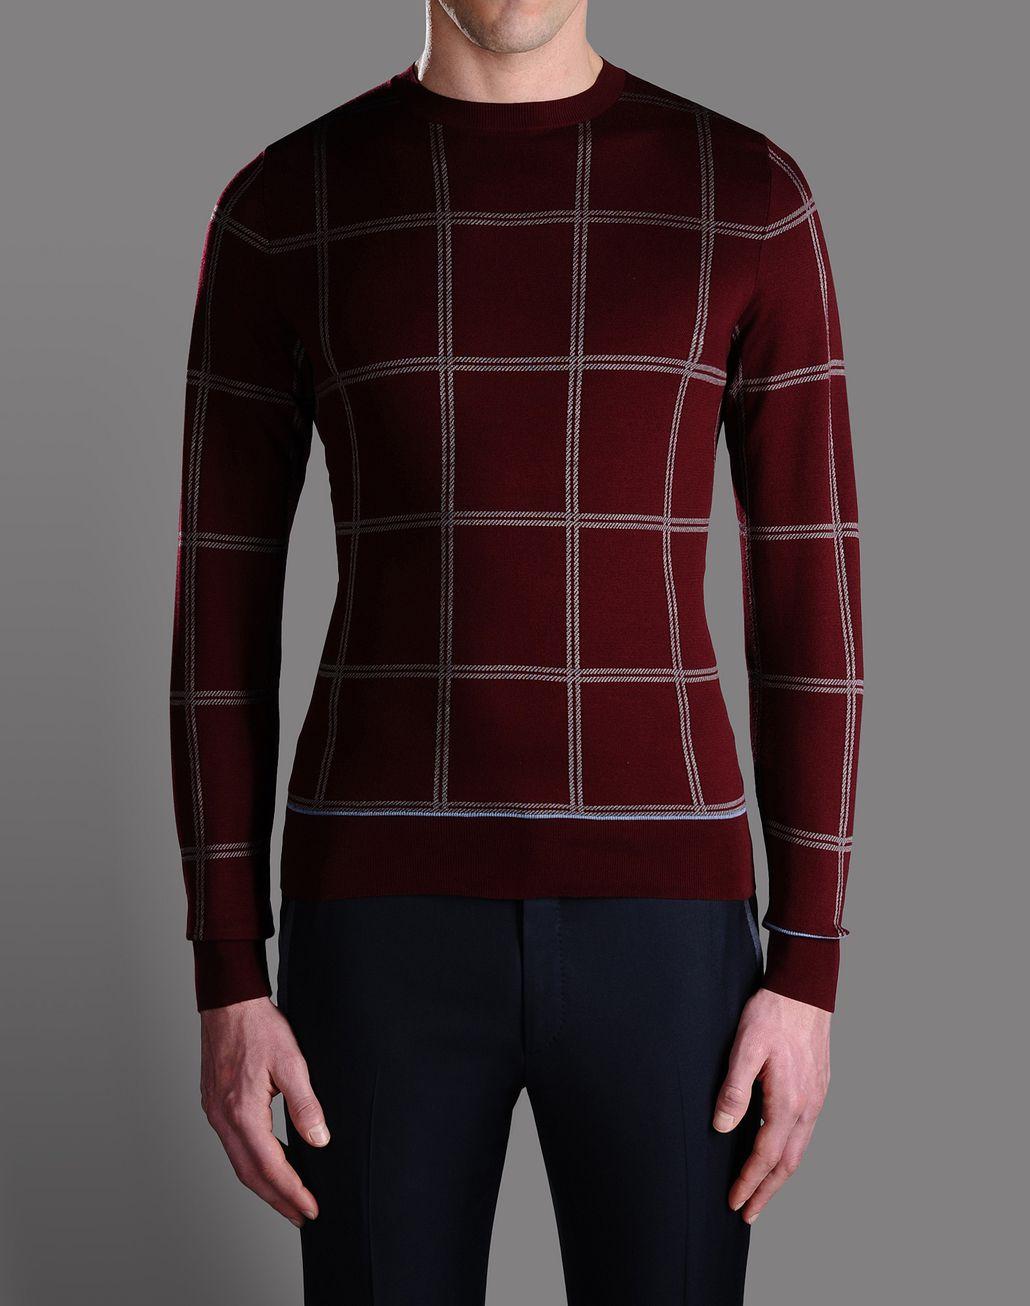 BRIONI CREW-NECK JERSEY  Knitwear U f